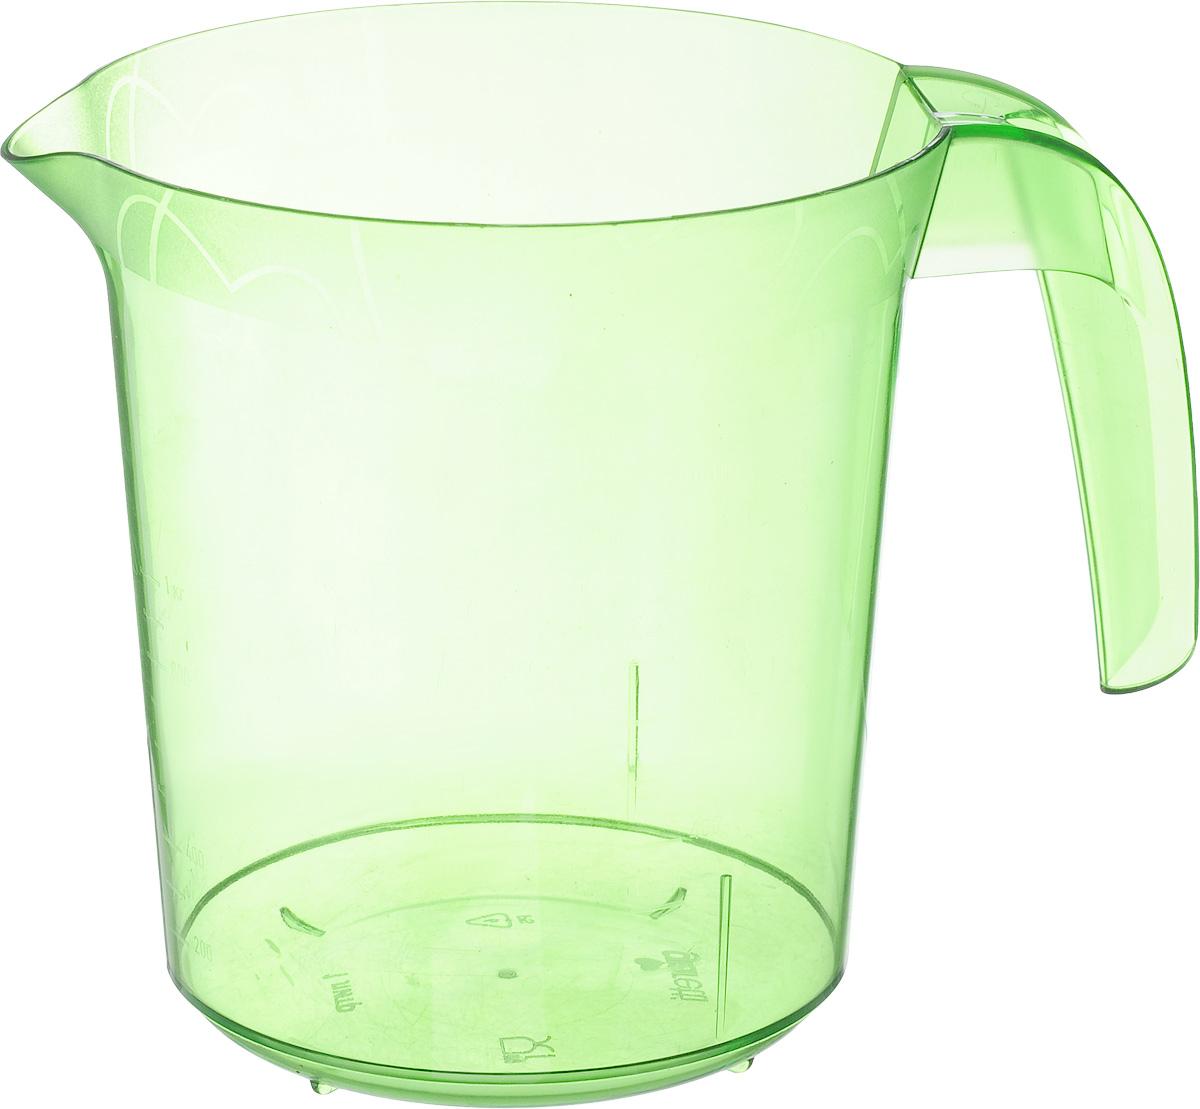 Стакан мерный Giaretti, цвет: зеленый, 1 лGR3056_зеленыйМерный прозрачный стакан Giaretti выполнен из высококачественного пластика. Стакан оснащенудобной ручкой и носиком, которые делают изделие еще более простым в использовании.Он позволяет мерить жидкости до 1 л. Удобная форма стакана позволяет как отмеритьнеобходимое количество продукта, так и взбить/замесить его непосредственно в прямо в этой жеемкости.Такой стаканчик пригодится каждой хозяйке на кухне, ведь зачастую приготовлениенекоторых блюд требует известной точности. Объем: 1 л. Диаметр (по верхнему краю): 13,5 см. Высота: 15 см.